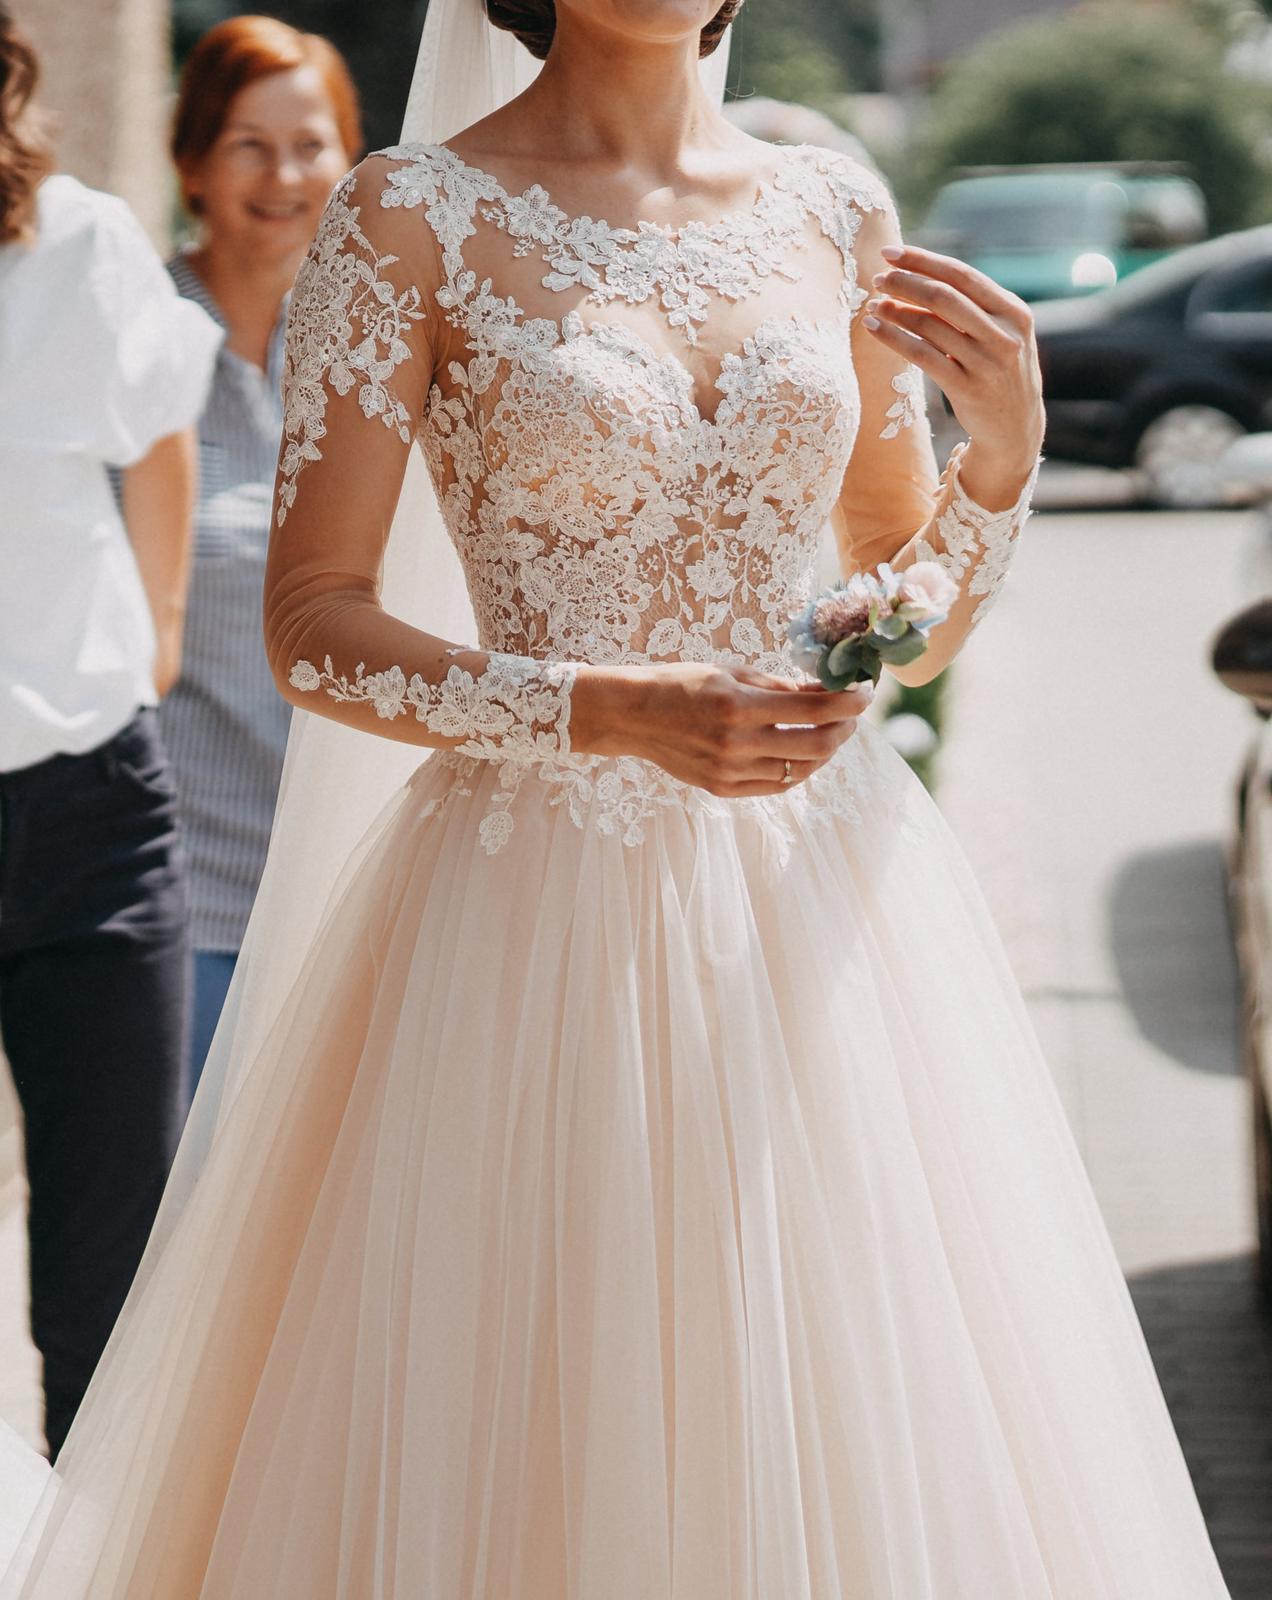 c962fabce3bf Ivory čipkované svadobné šaty s tylovou sukňou